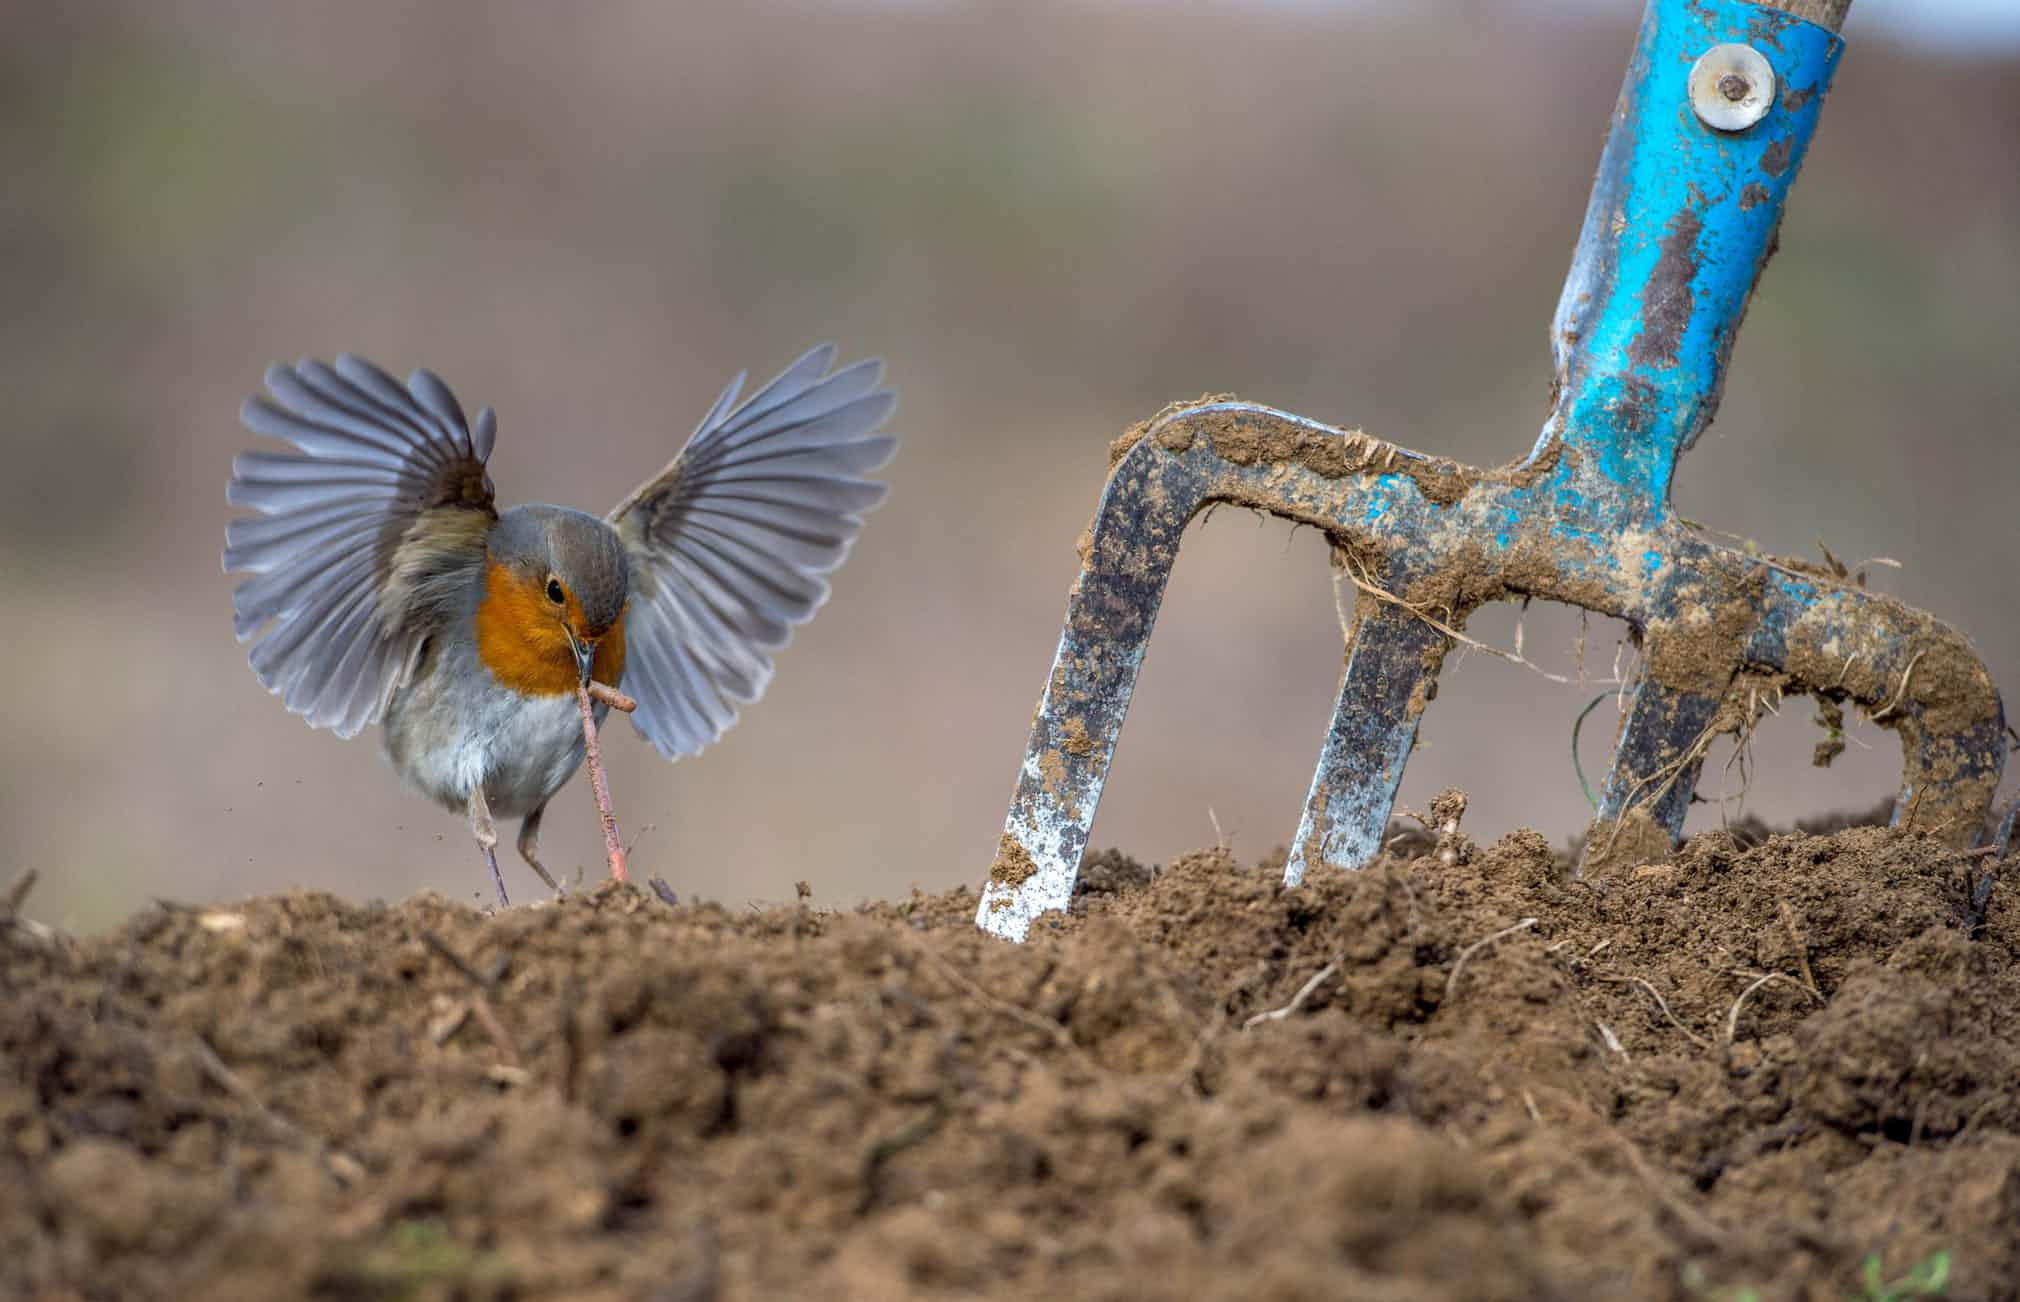 Категория «Садовые игородские птицы», первое место: зарянка, фотографи — Никос Букас, Греция